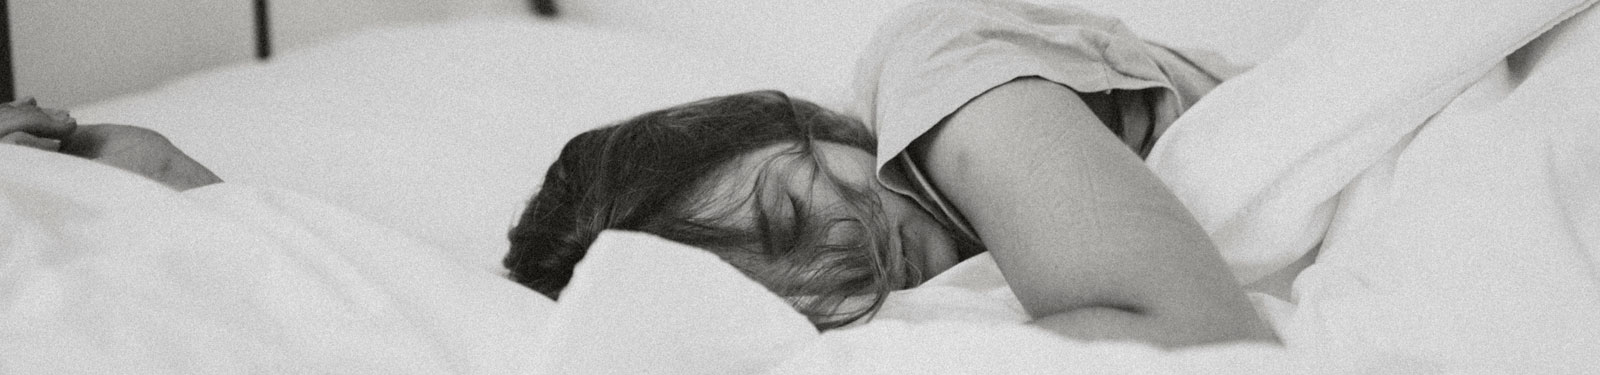 Dormir aumenta la masa muscular - Ignifits